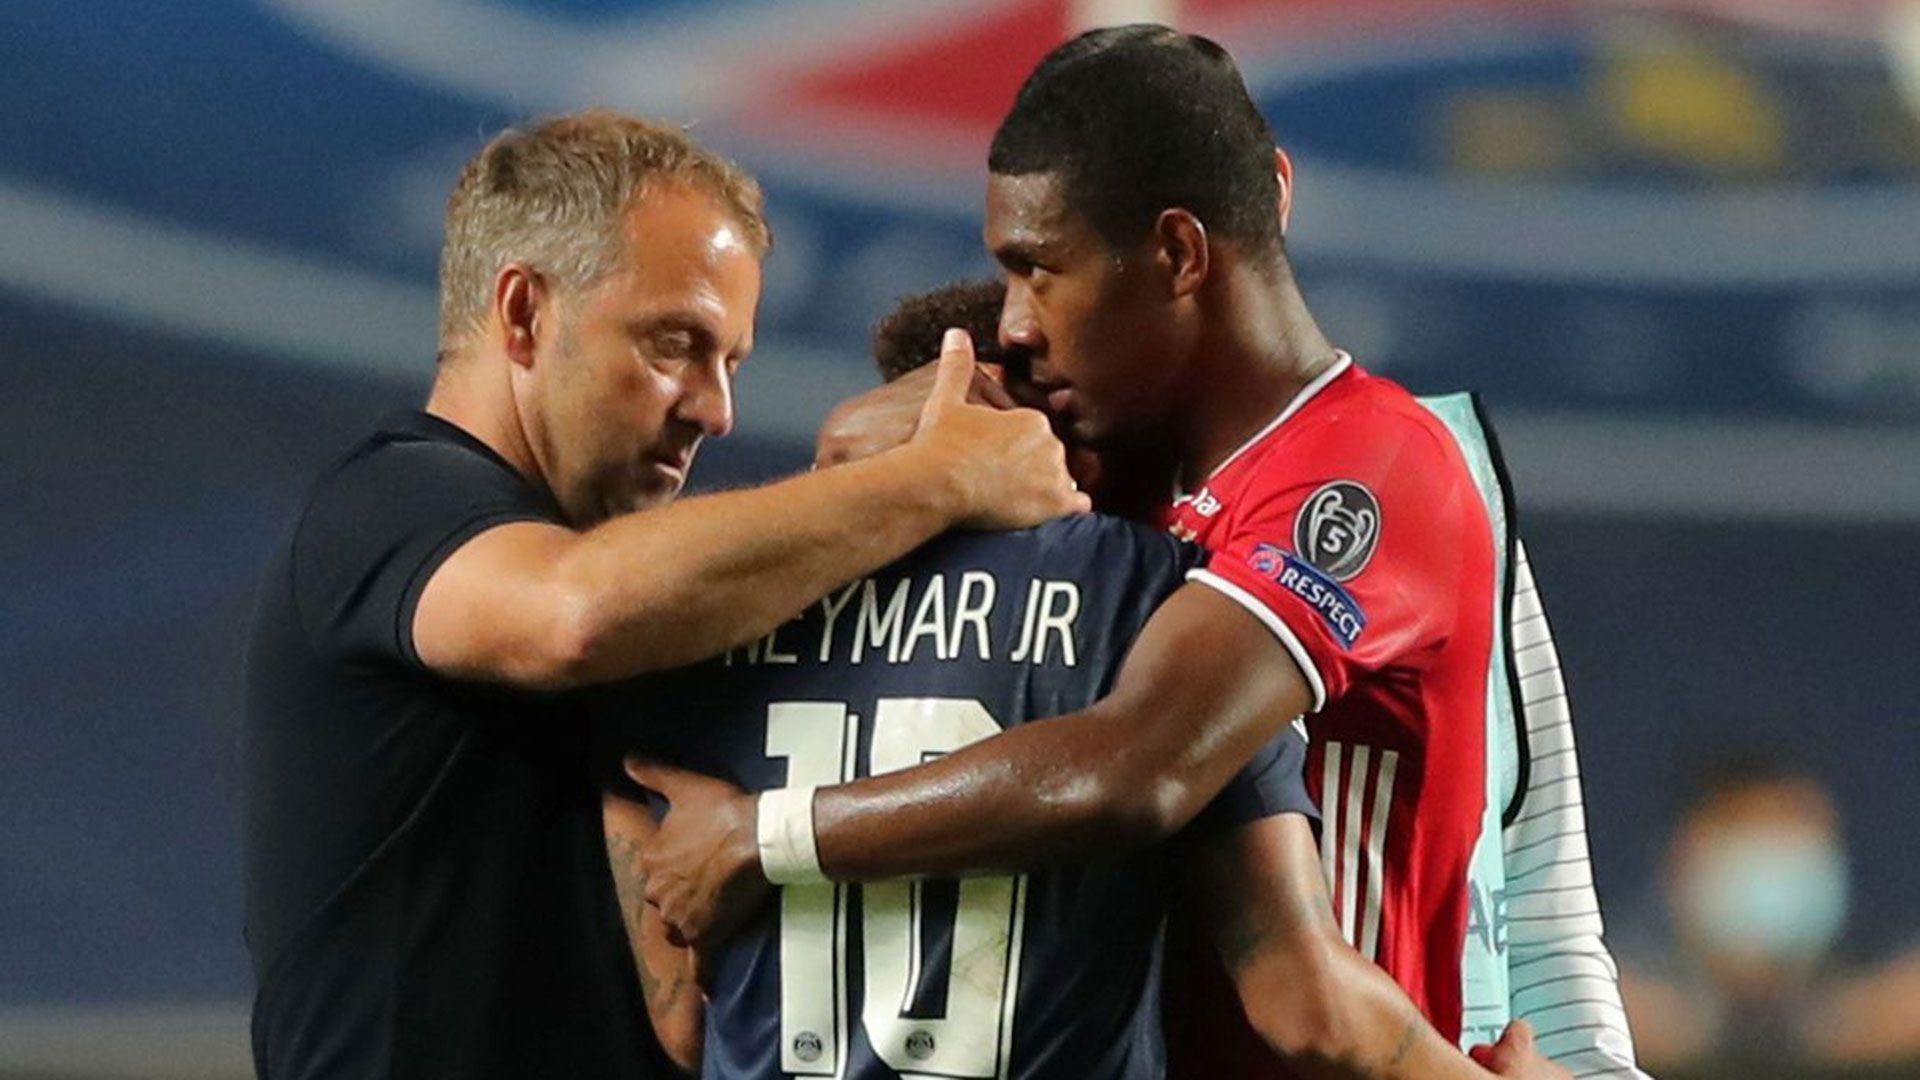 El llanto de Neymar al terminar el partido